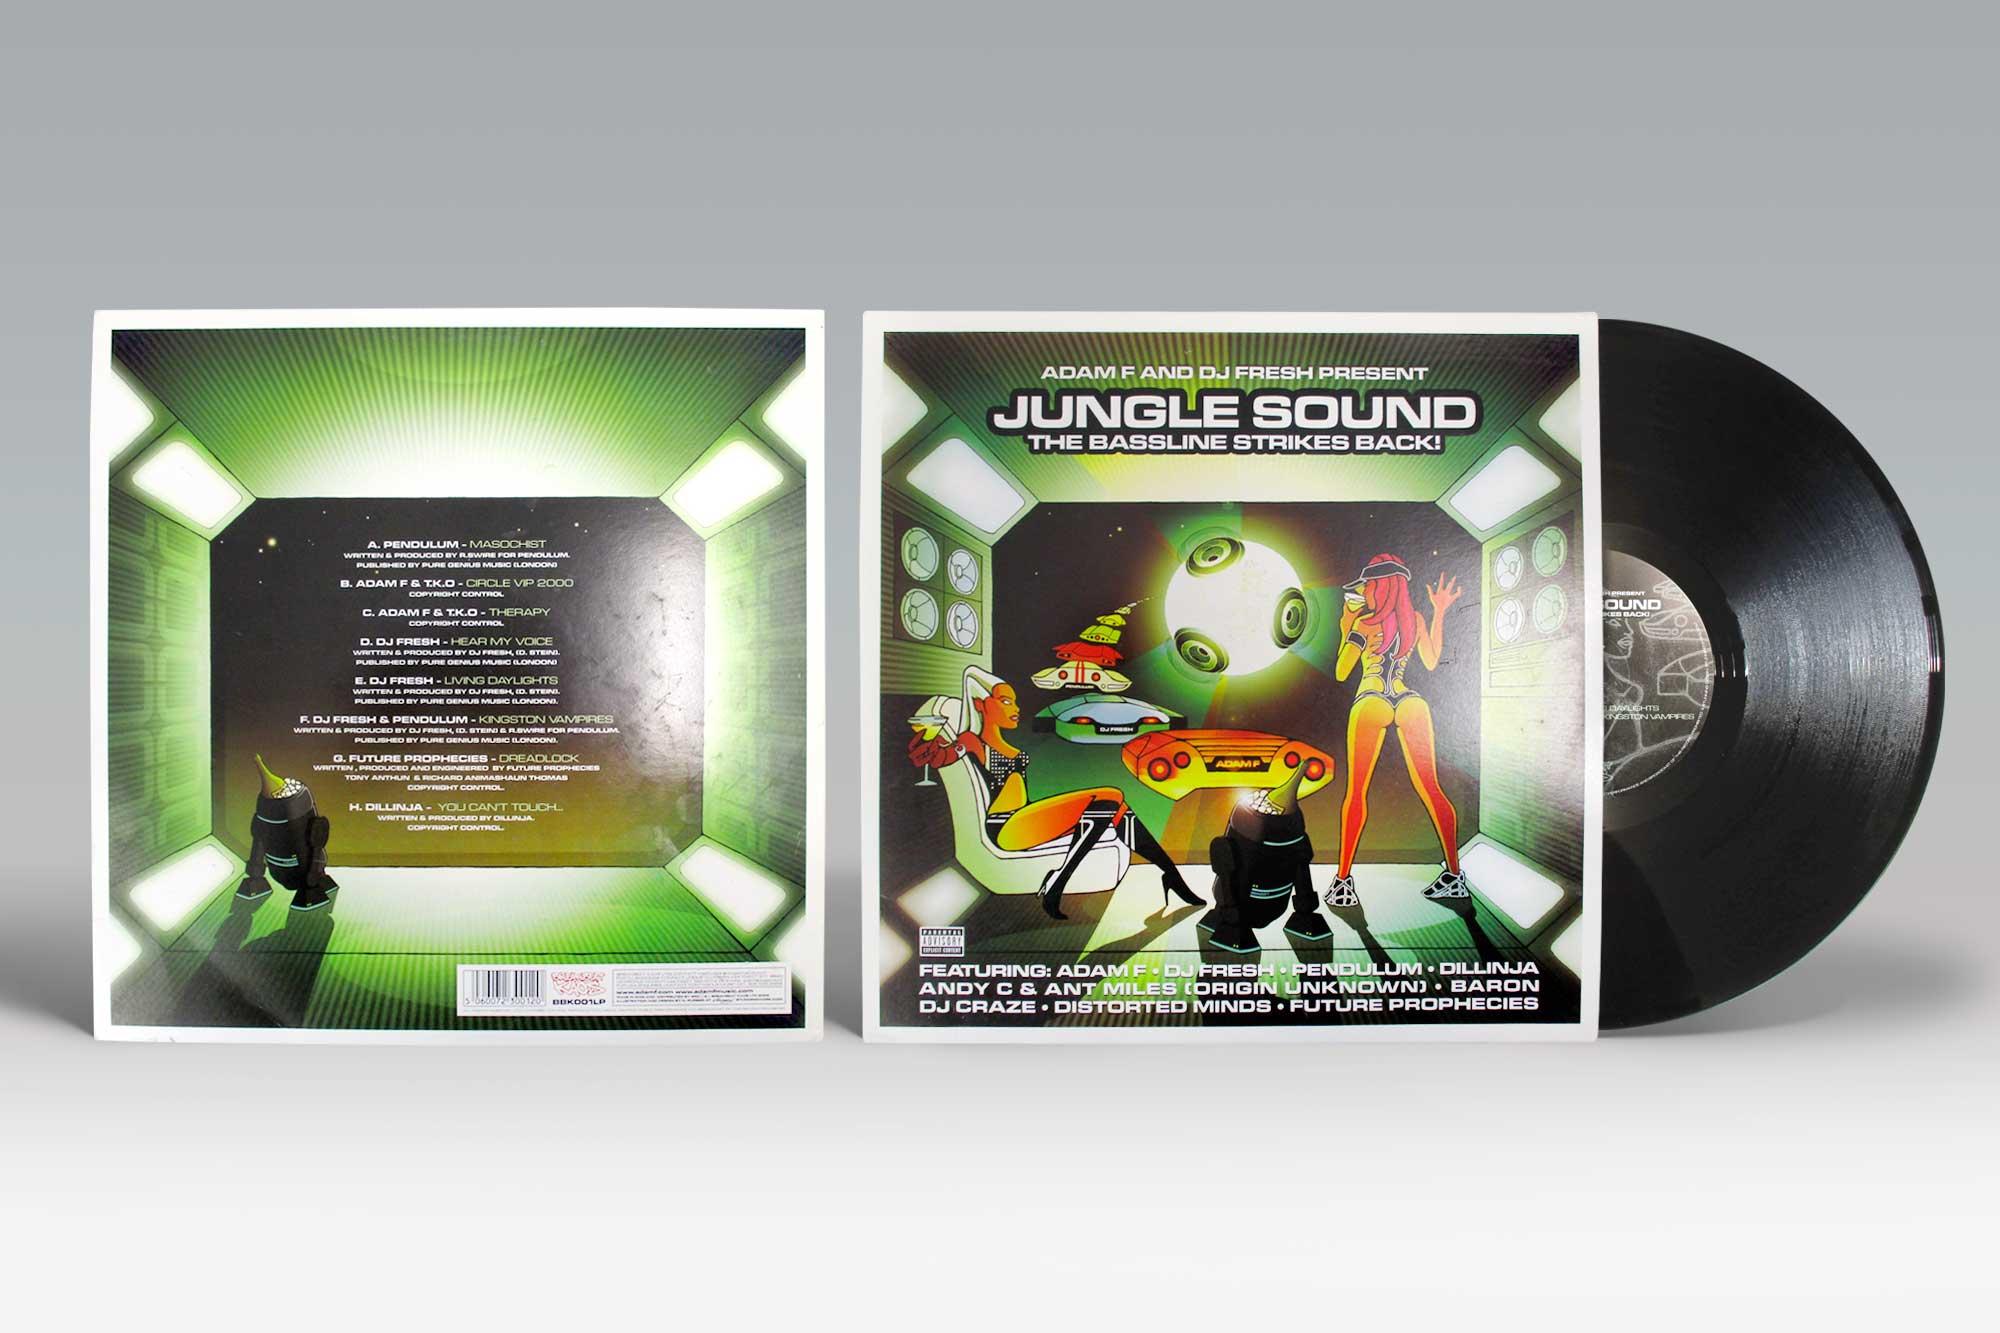 nick-purser-dj-fresh-junglesound